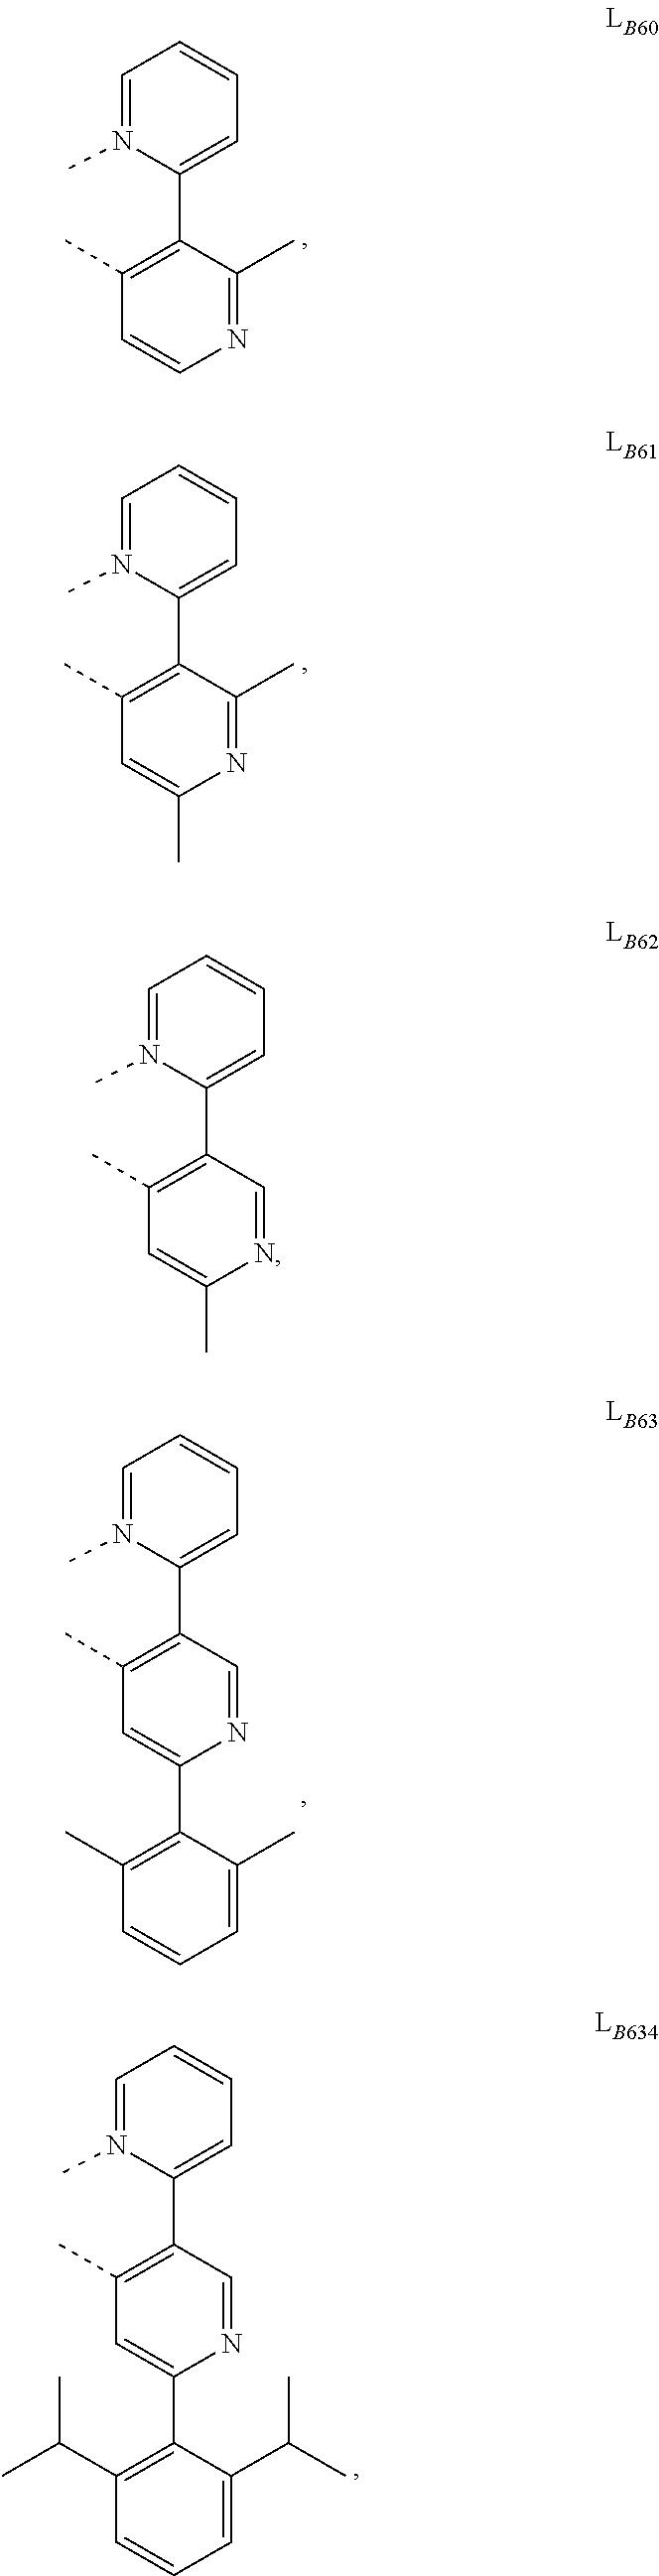 Figure US09905785-20180227-C00116